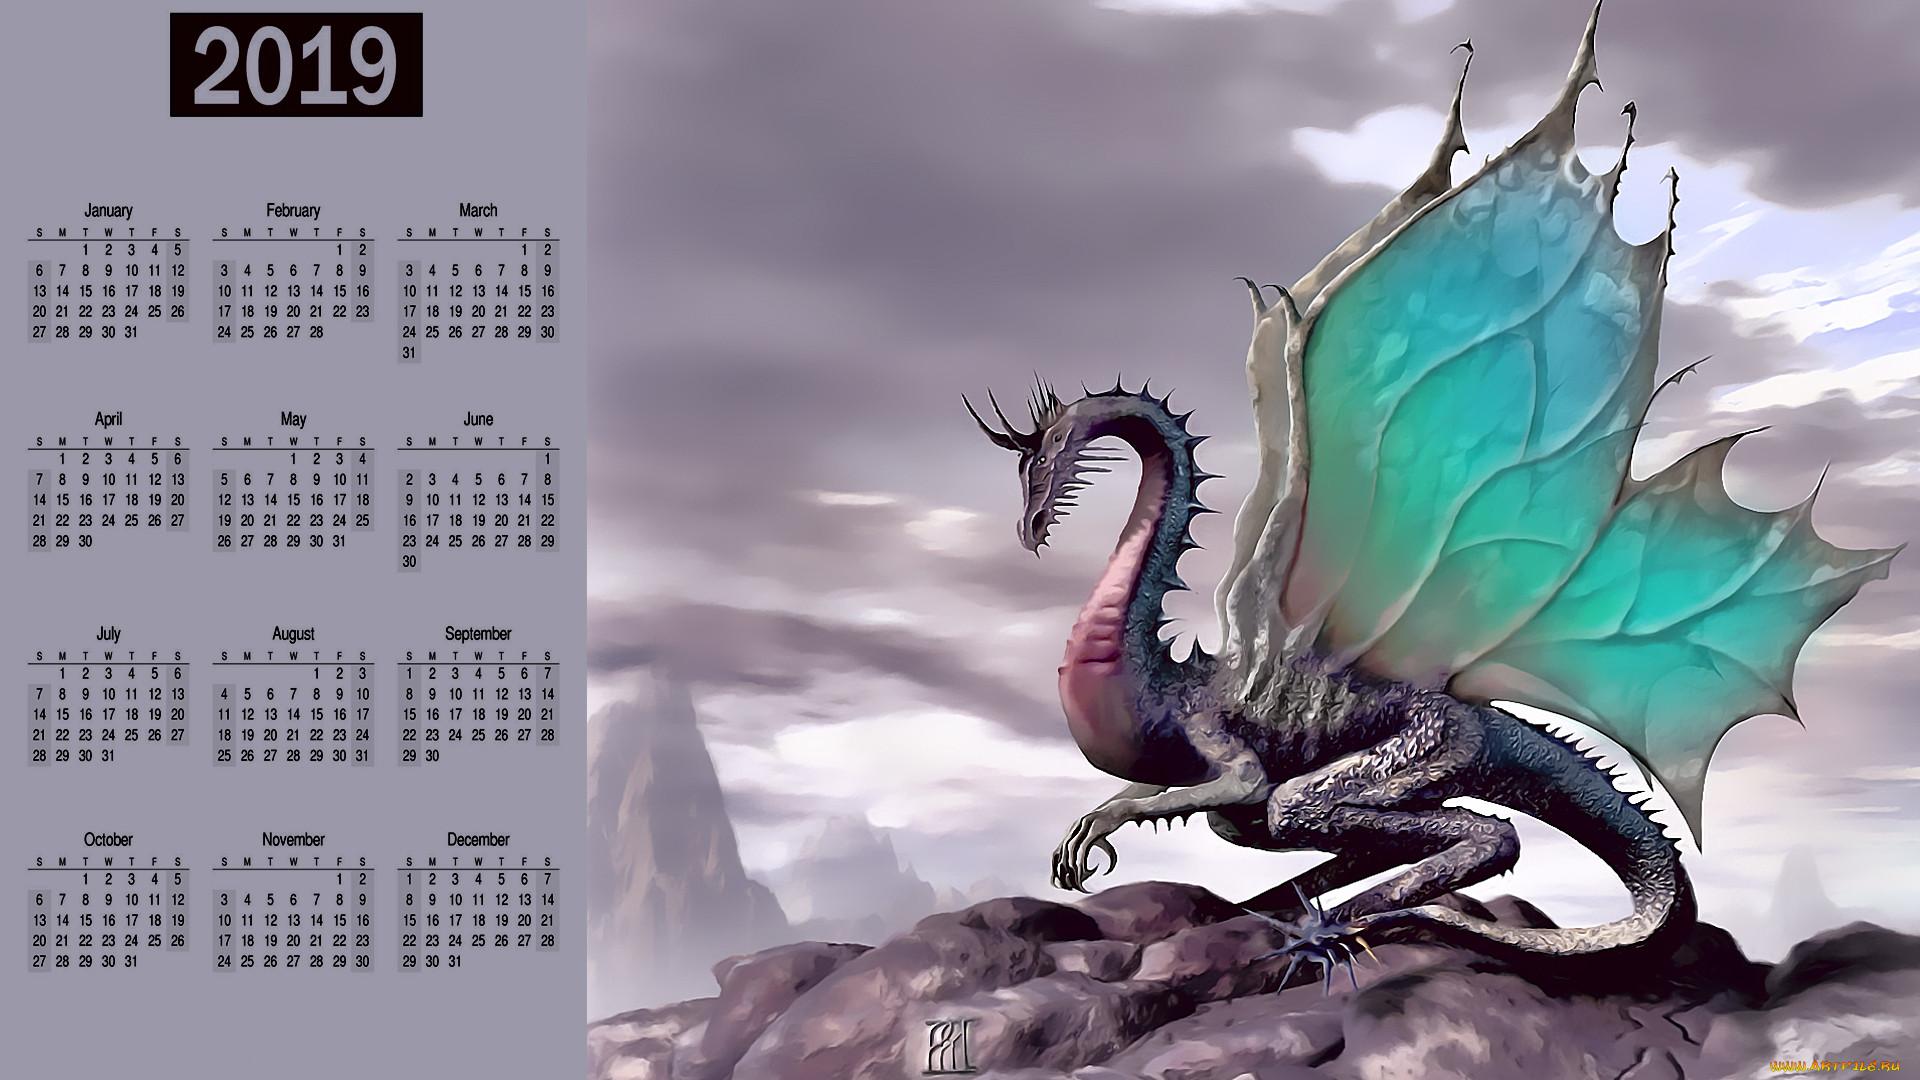 картинки для календаря дракон золото сегменте ювелирных